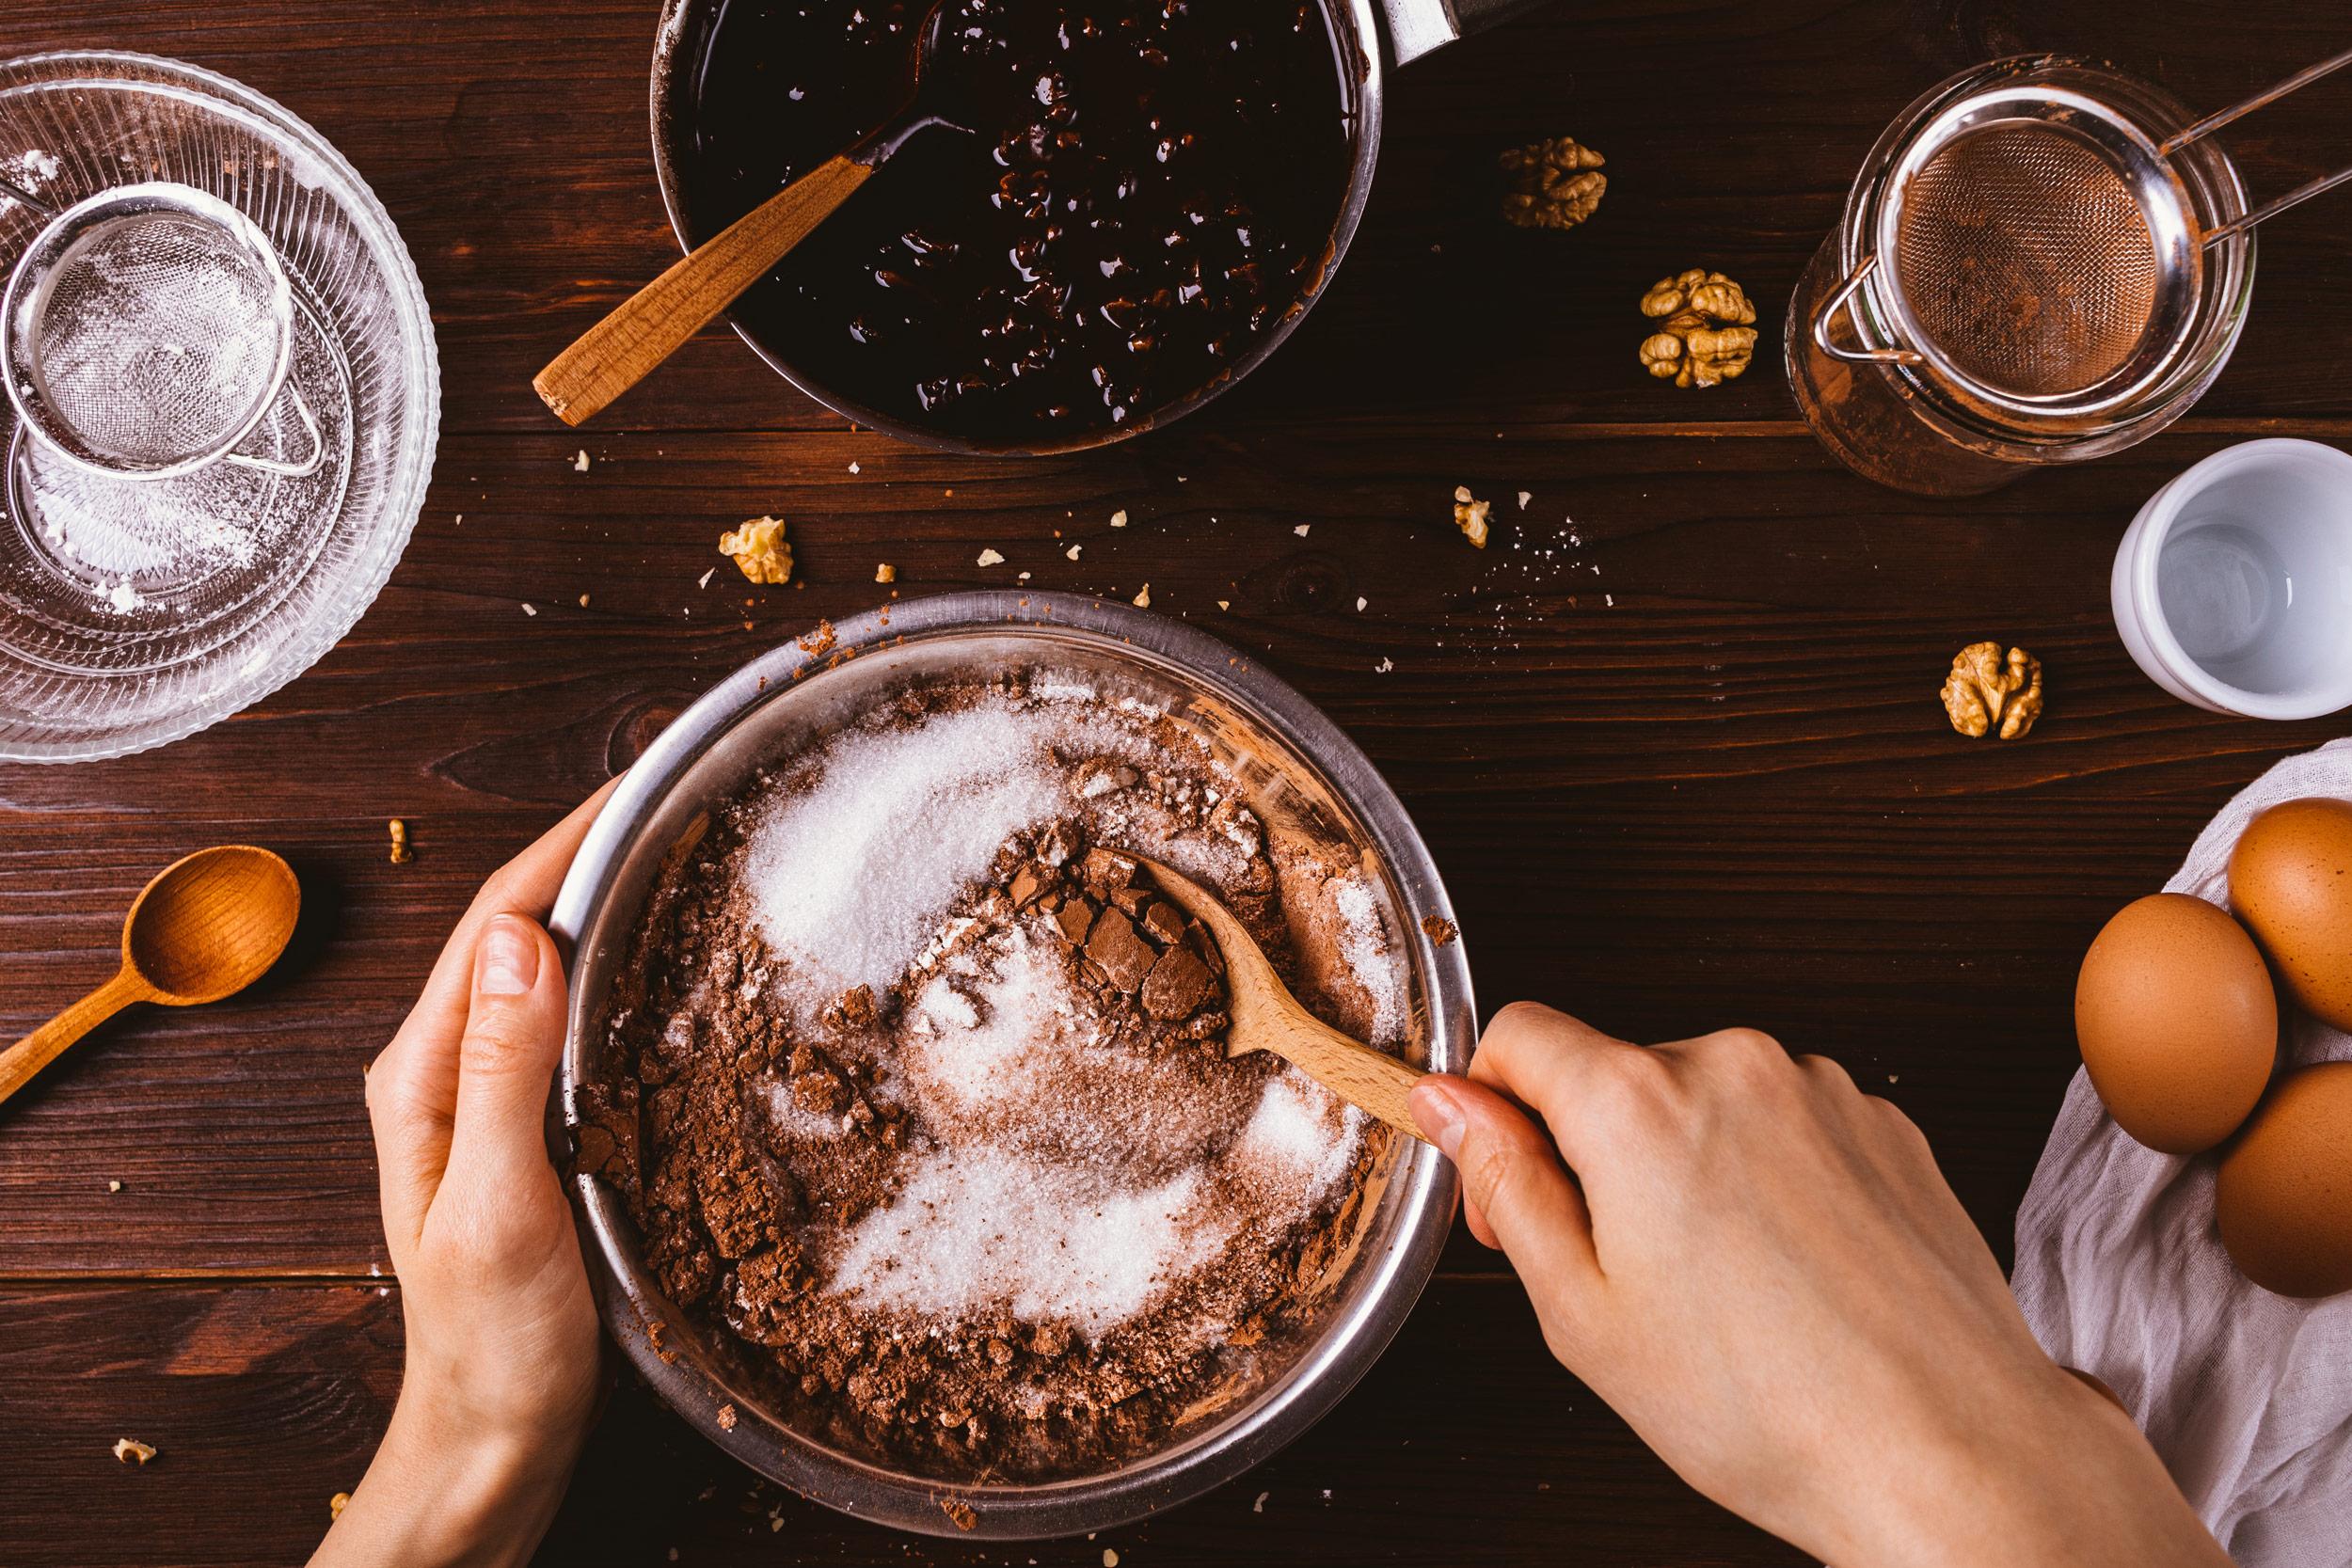 Pořádný koláč potřebuje poctivé suroviny